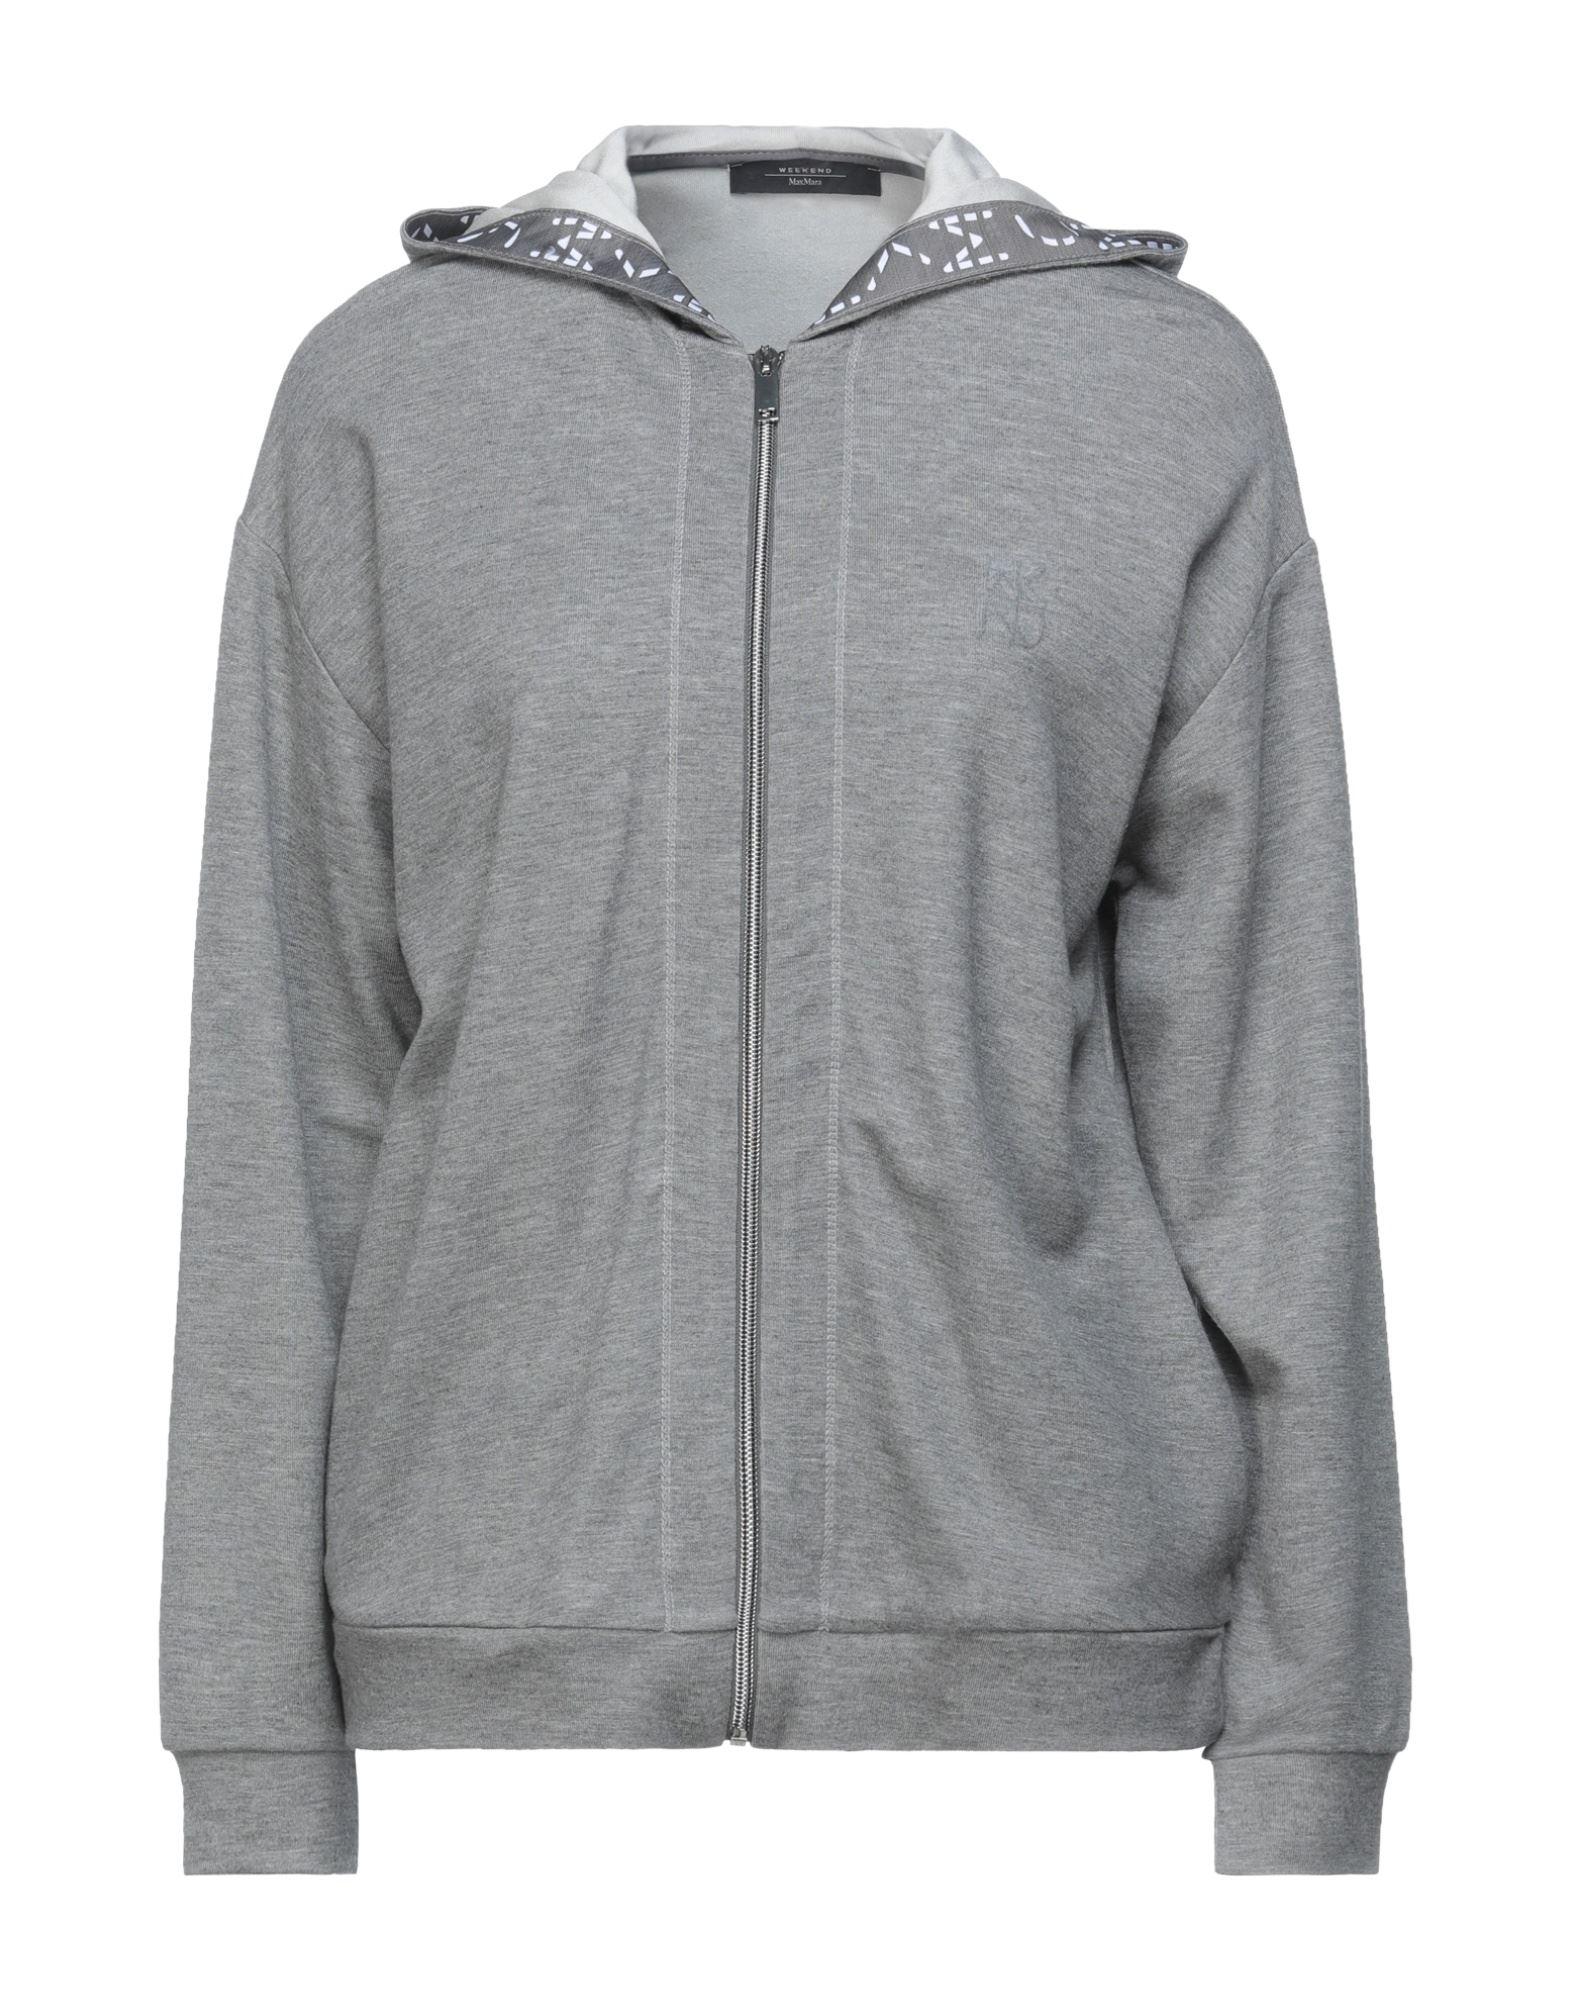 WEEKEND MAX MARA Sweatshirts - Item 12568353